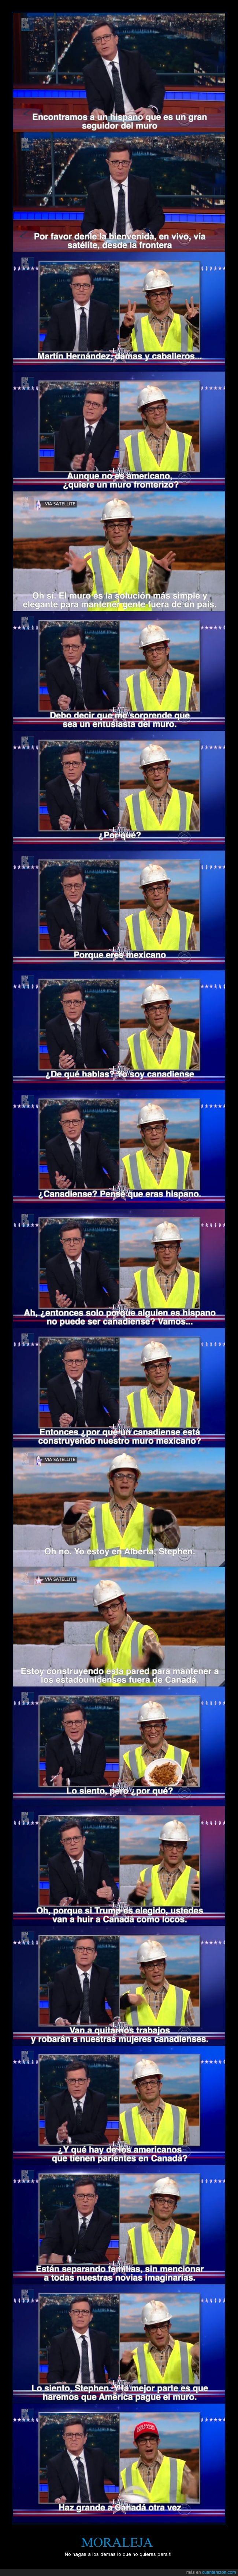 Canadá,comedia,división,EE.UU.,entrevista,frontera,Gael García Bernal,hispano,make America great again?,México,muro,situación inversa,Steven Colbert,Trump,zasca